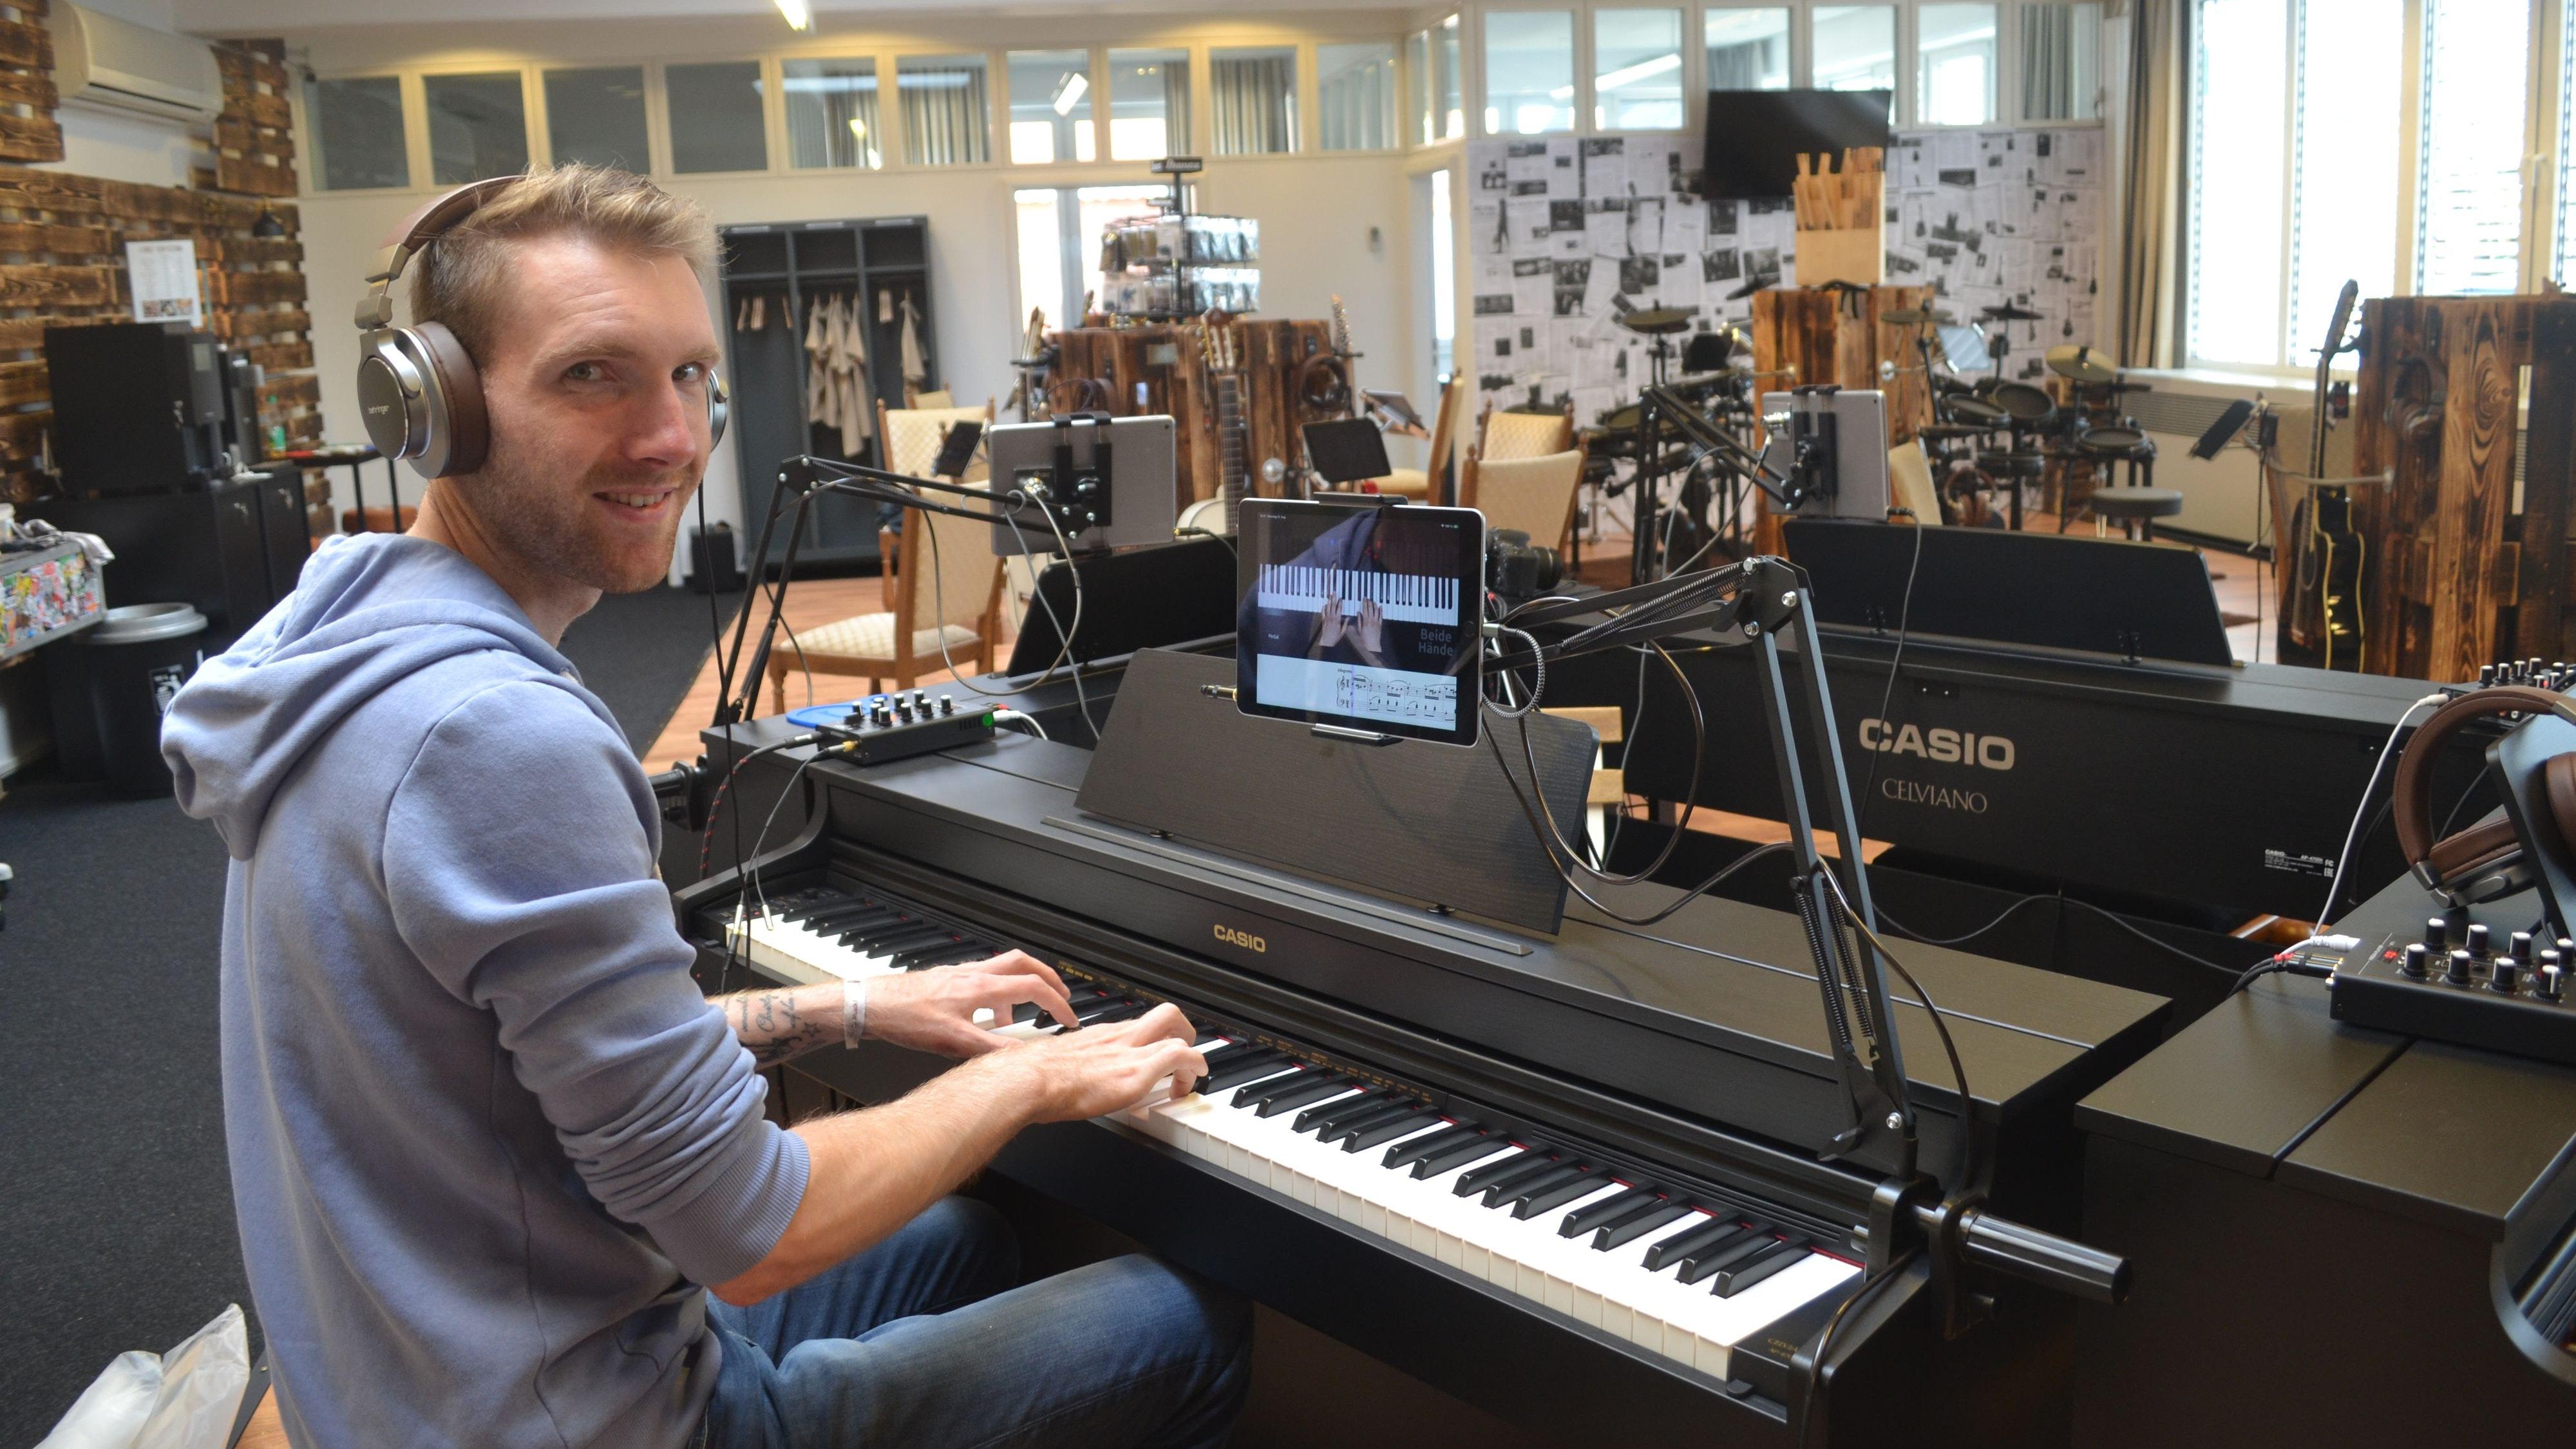 Chris Bruns hofft, mit seinem Musikschul-Konzept Denkblockaden zu lösen. Foto: Schrimper